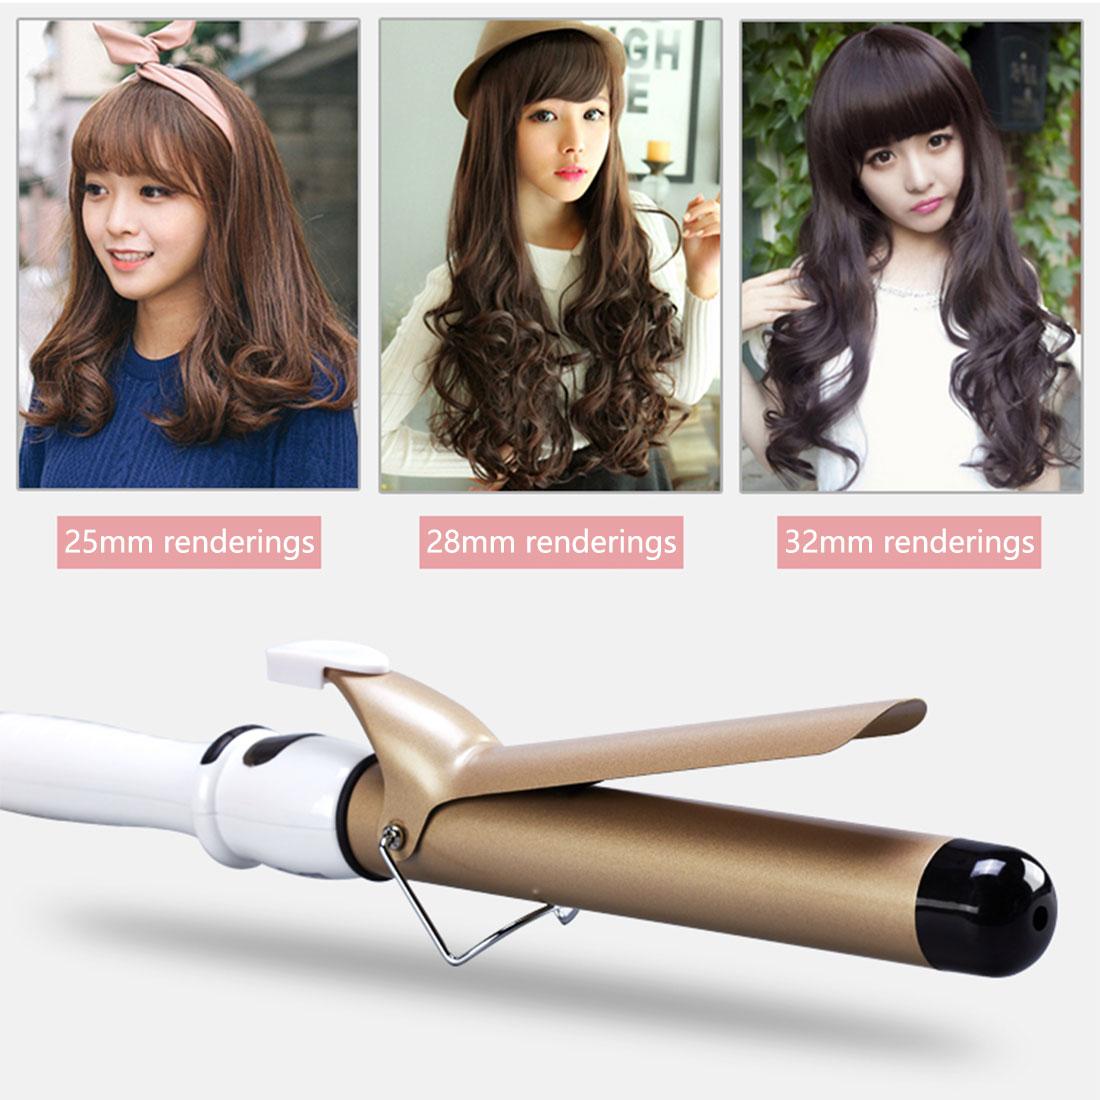 iron wand waver moda estilo de cabelo 19-38mm